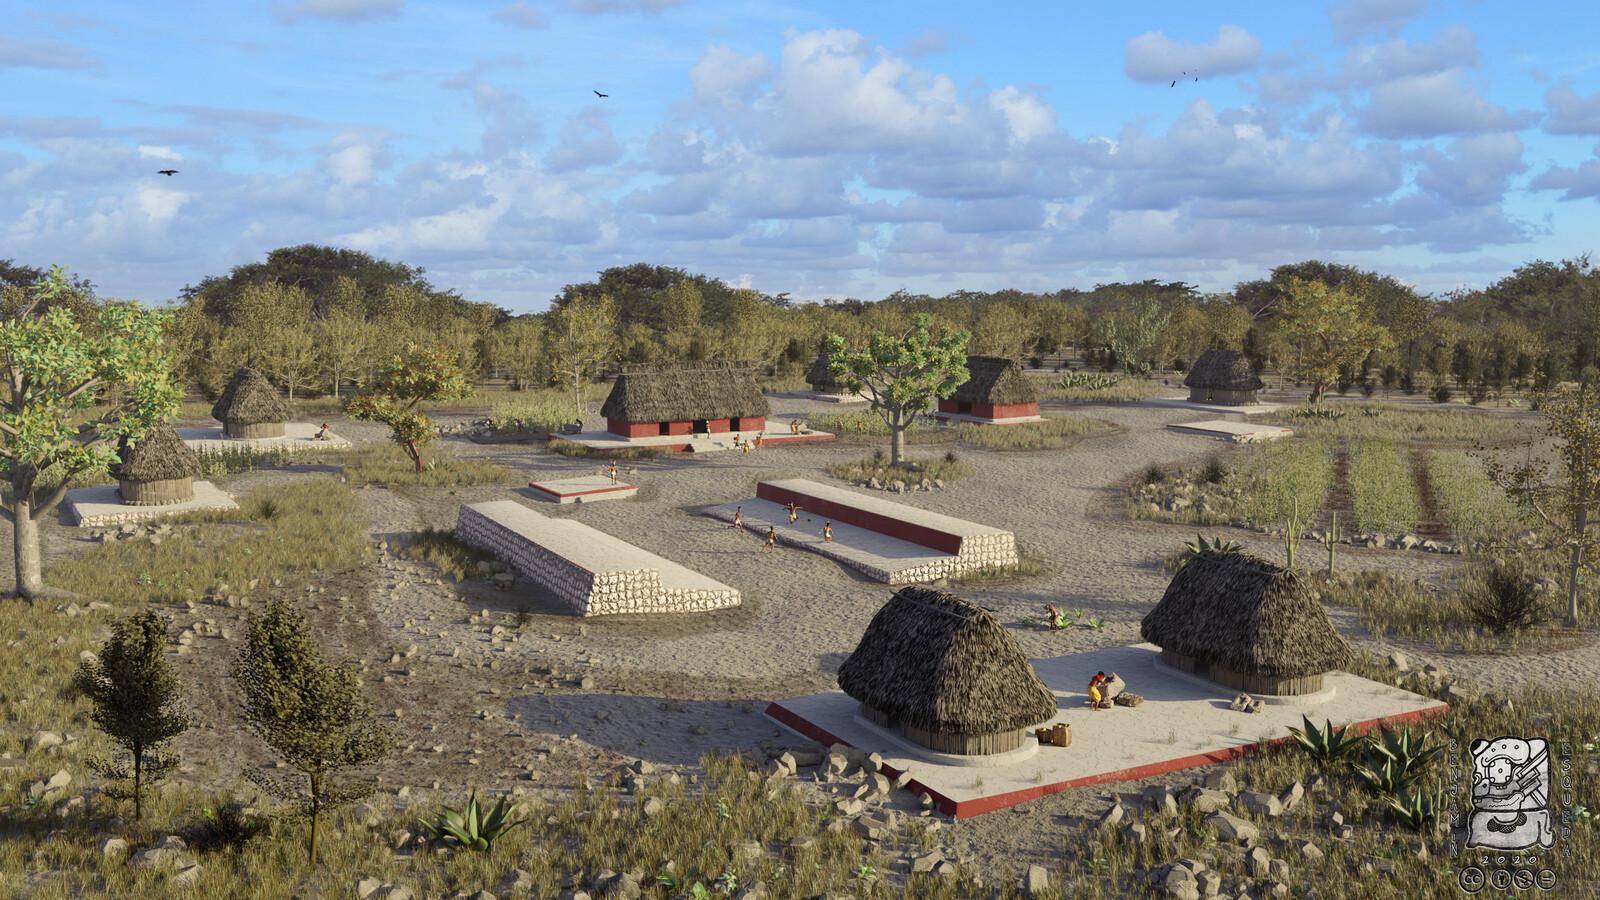 El presente trabajo se enfoca en representar y recuperar visualmente, a partir de un modelo virtual, el pasado y la cotidianeidad histórica en las Chan Acrópolis de la región noroeste de Yucatán.